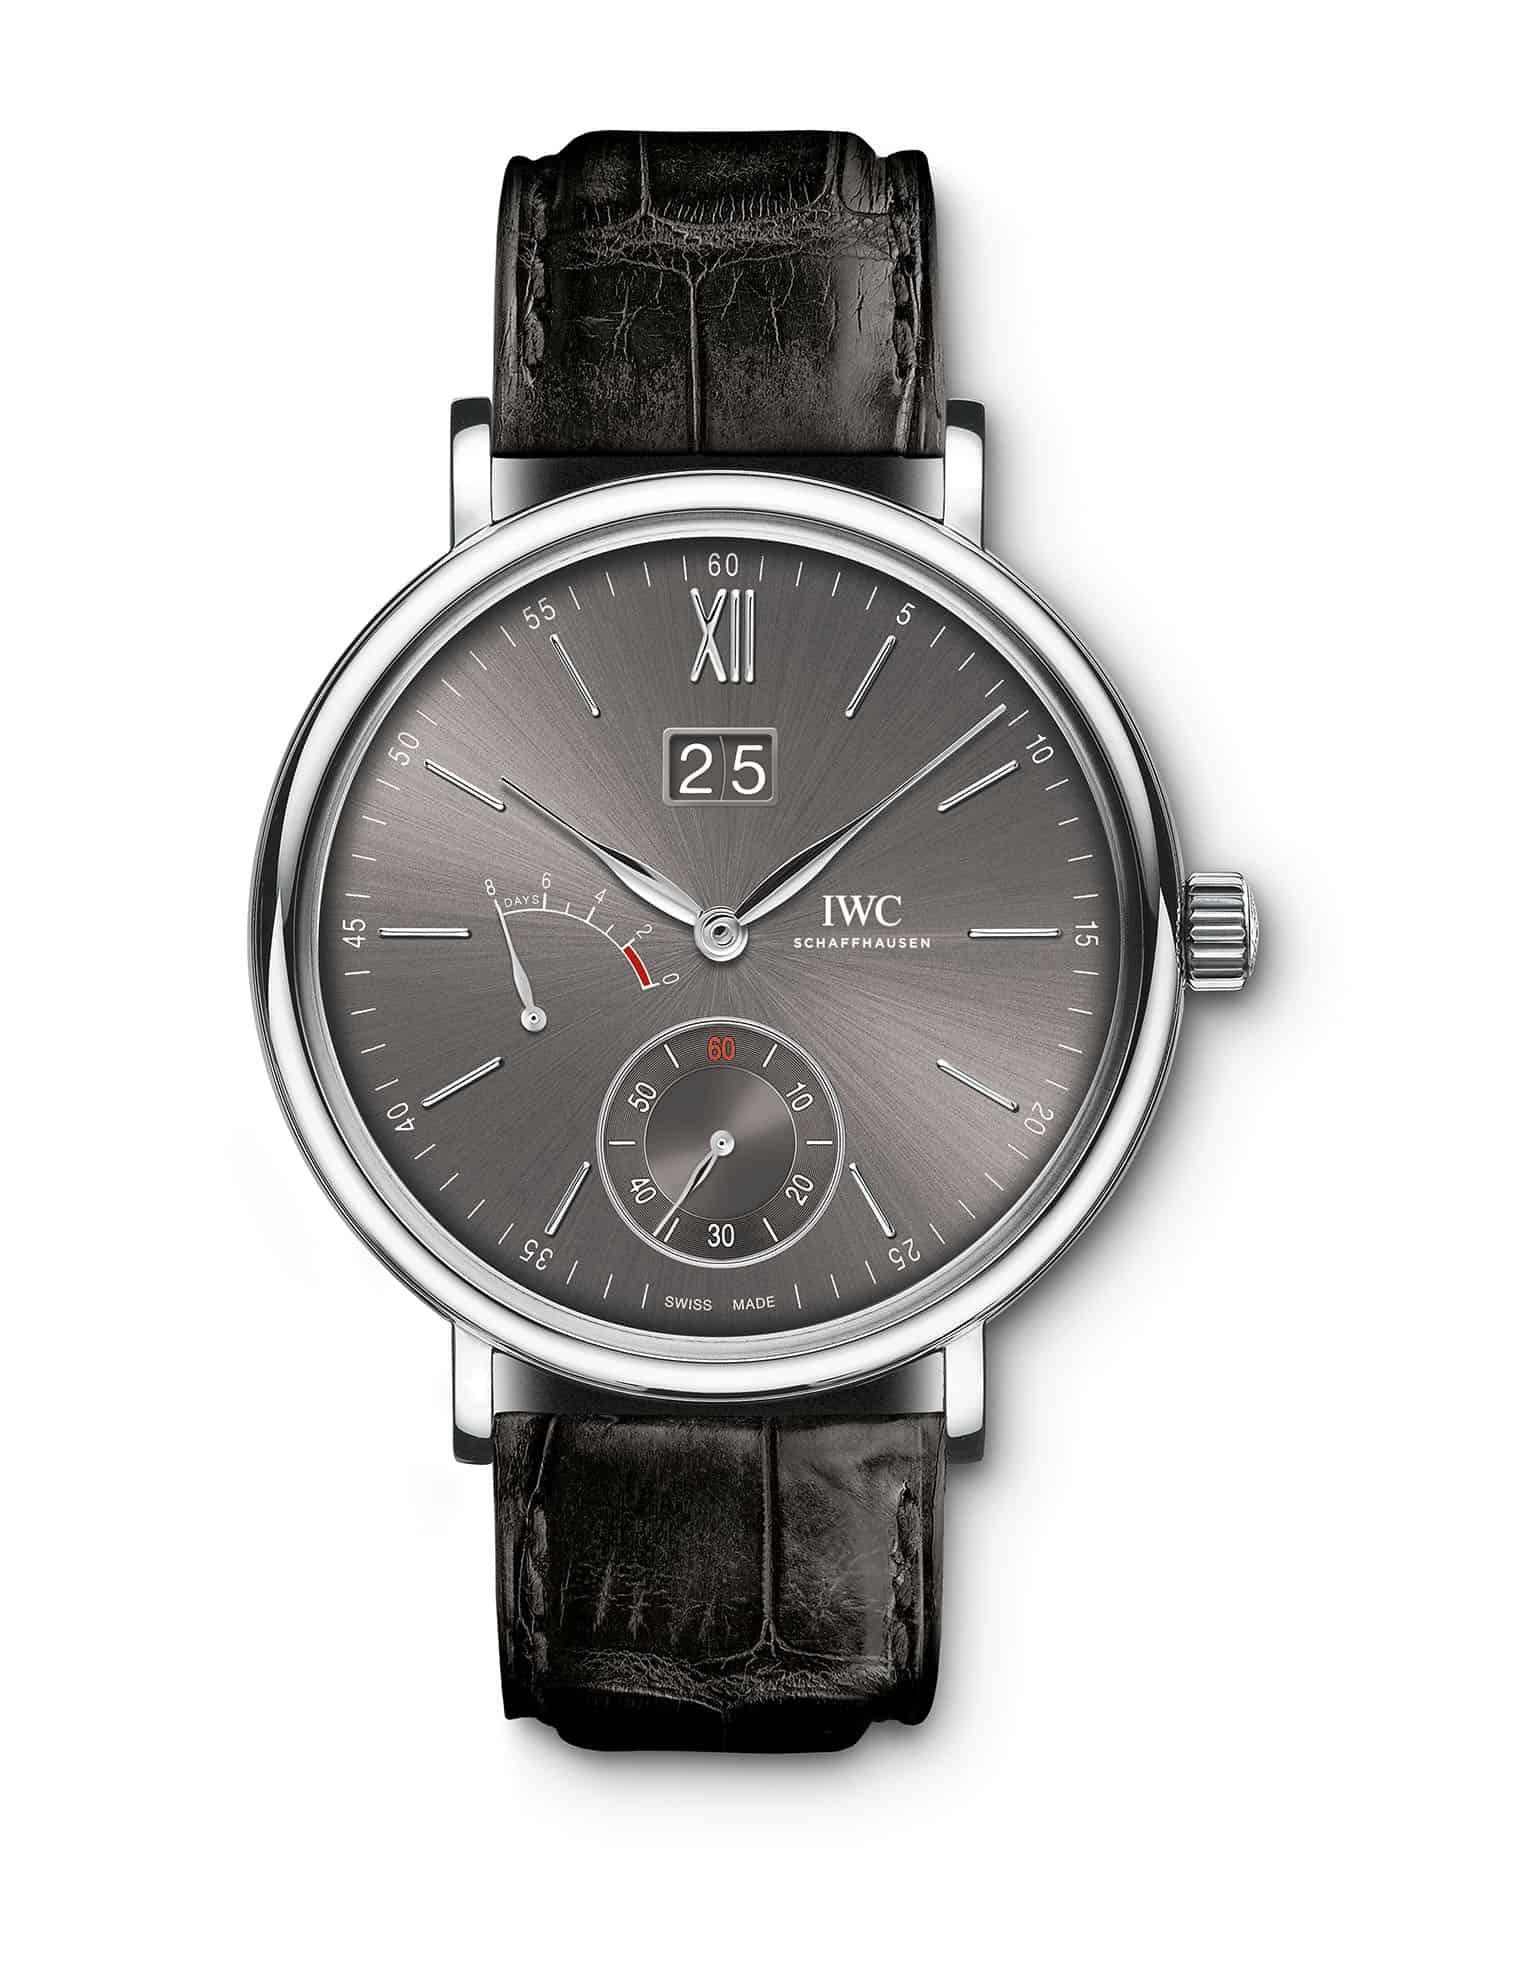 Auch wenn Grau keine wirklich Farbe ist - die Eleganz des Modells besticht